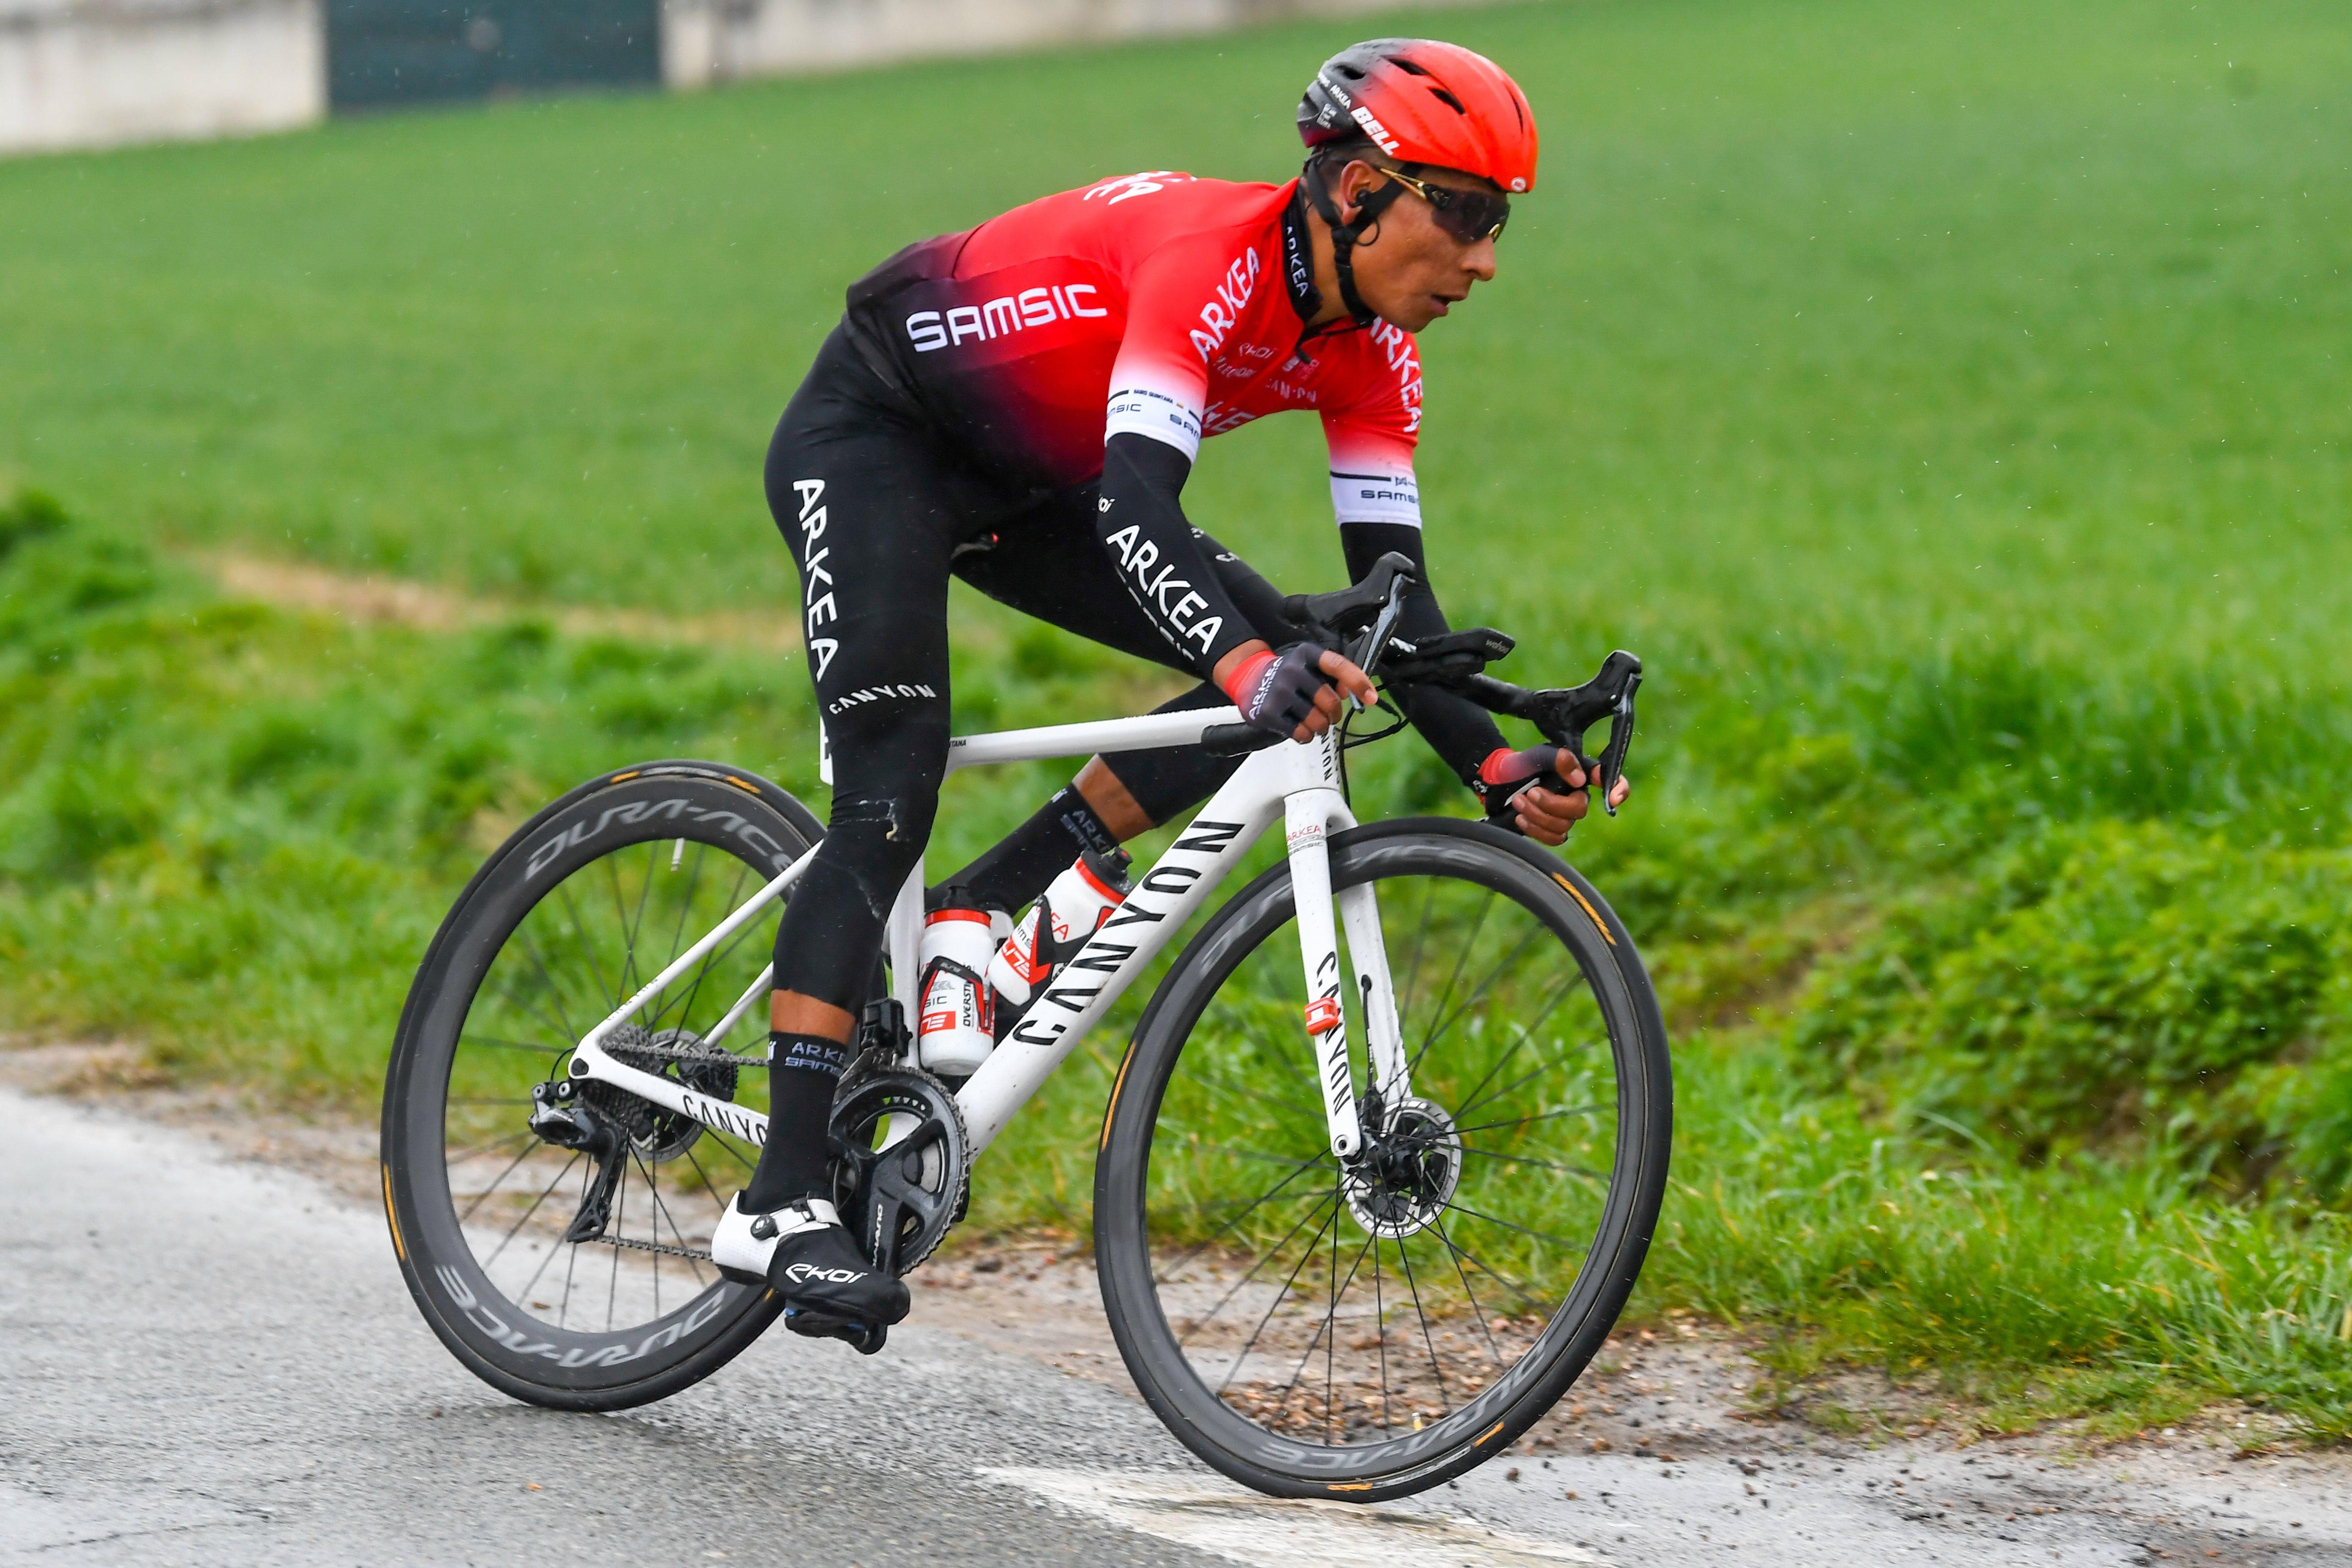 Cyclisme - Arrêté quinze jours, Quintana n'est pas inquiet pour le Tour de France